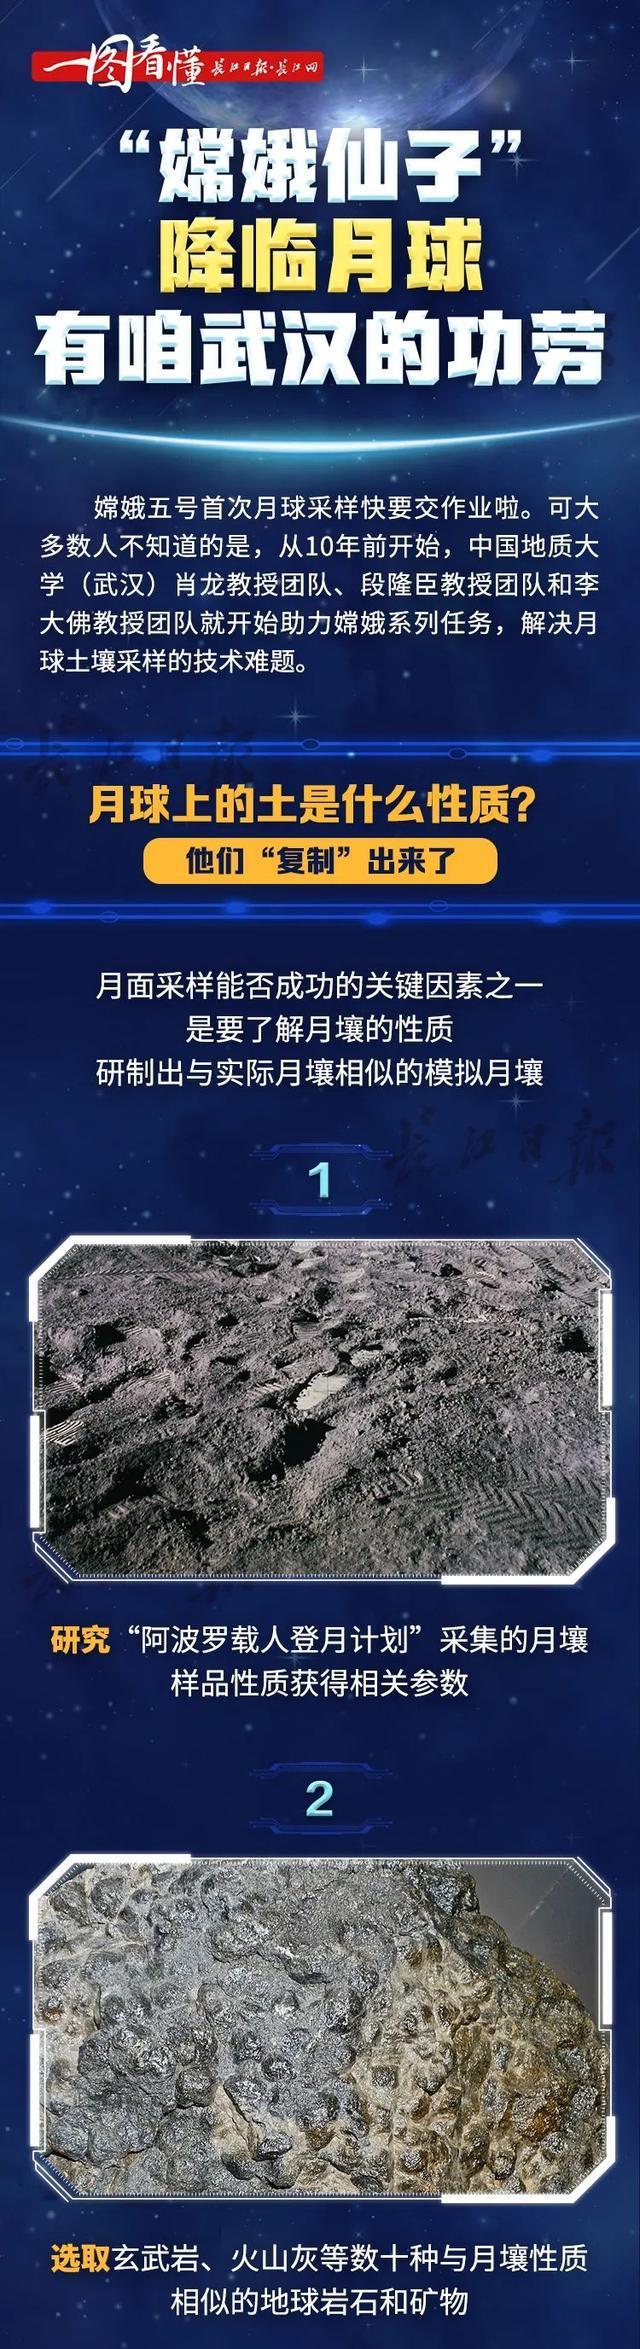 当月亮落下时,地球将被占领!武汉的田团教授:我们这样帮嫦娥挖... 第4张